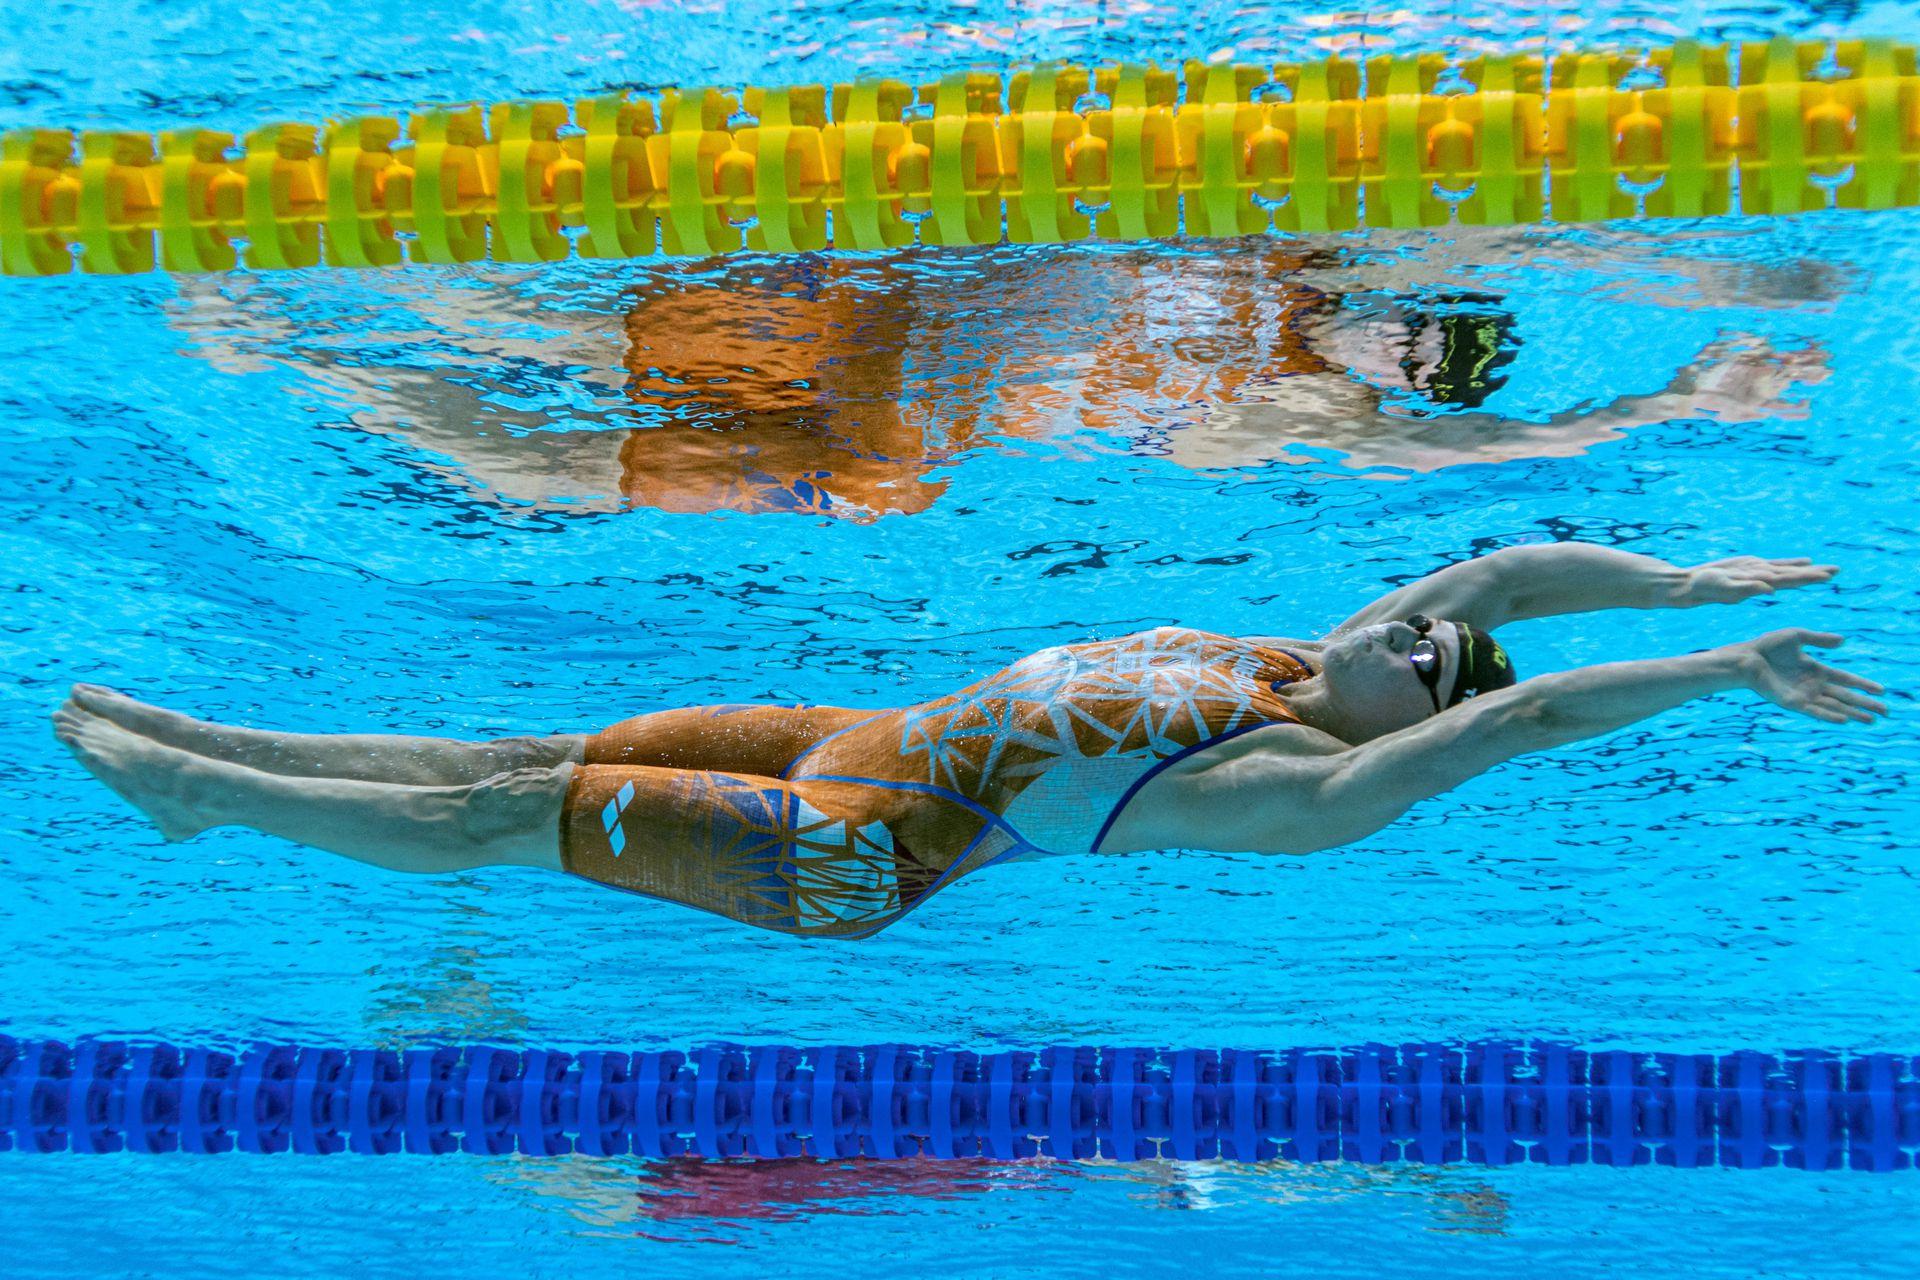 La holandesa Kira Toussaint compite en una semifinal del evento femenino de natación de 100 metros espalda durante los Juegos Olímpicos de Tokio 2020 en el Centro Acuático de Tokio en Tokio el 26 de julio de 2021